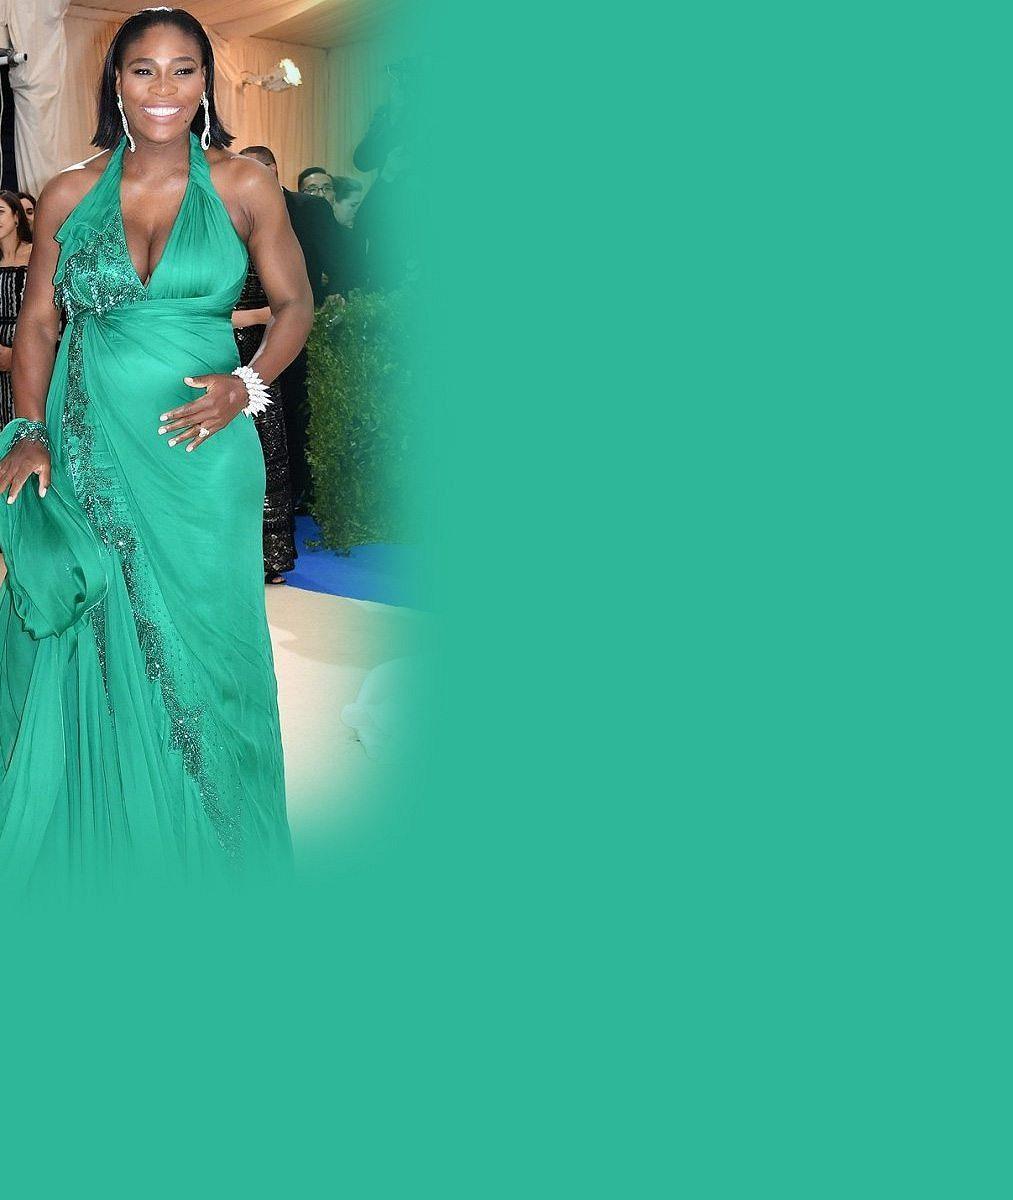 Na kurtu ji nejspíš jen tak neuvidíme: Takhle se Serena Williams zakulatila v pátém měsíci těhotenství